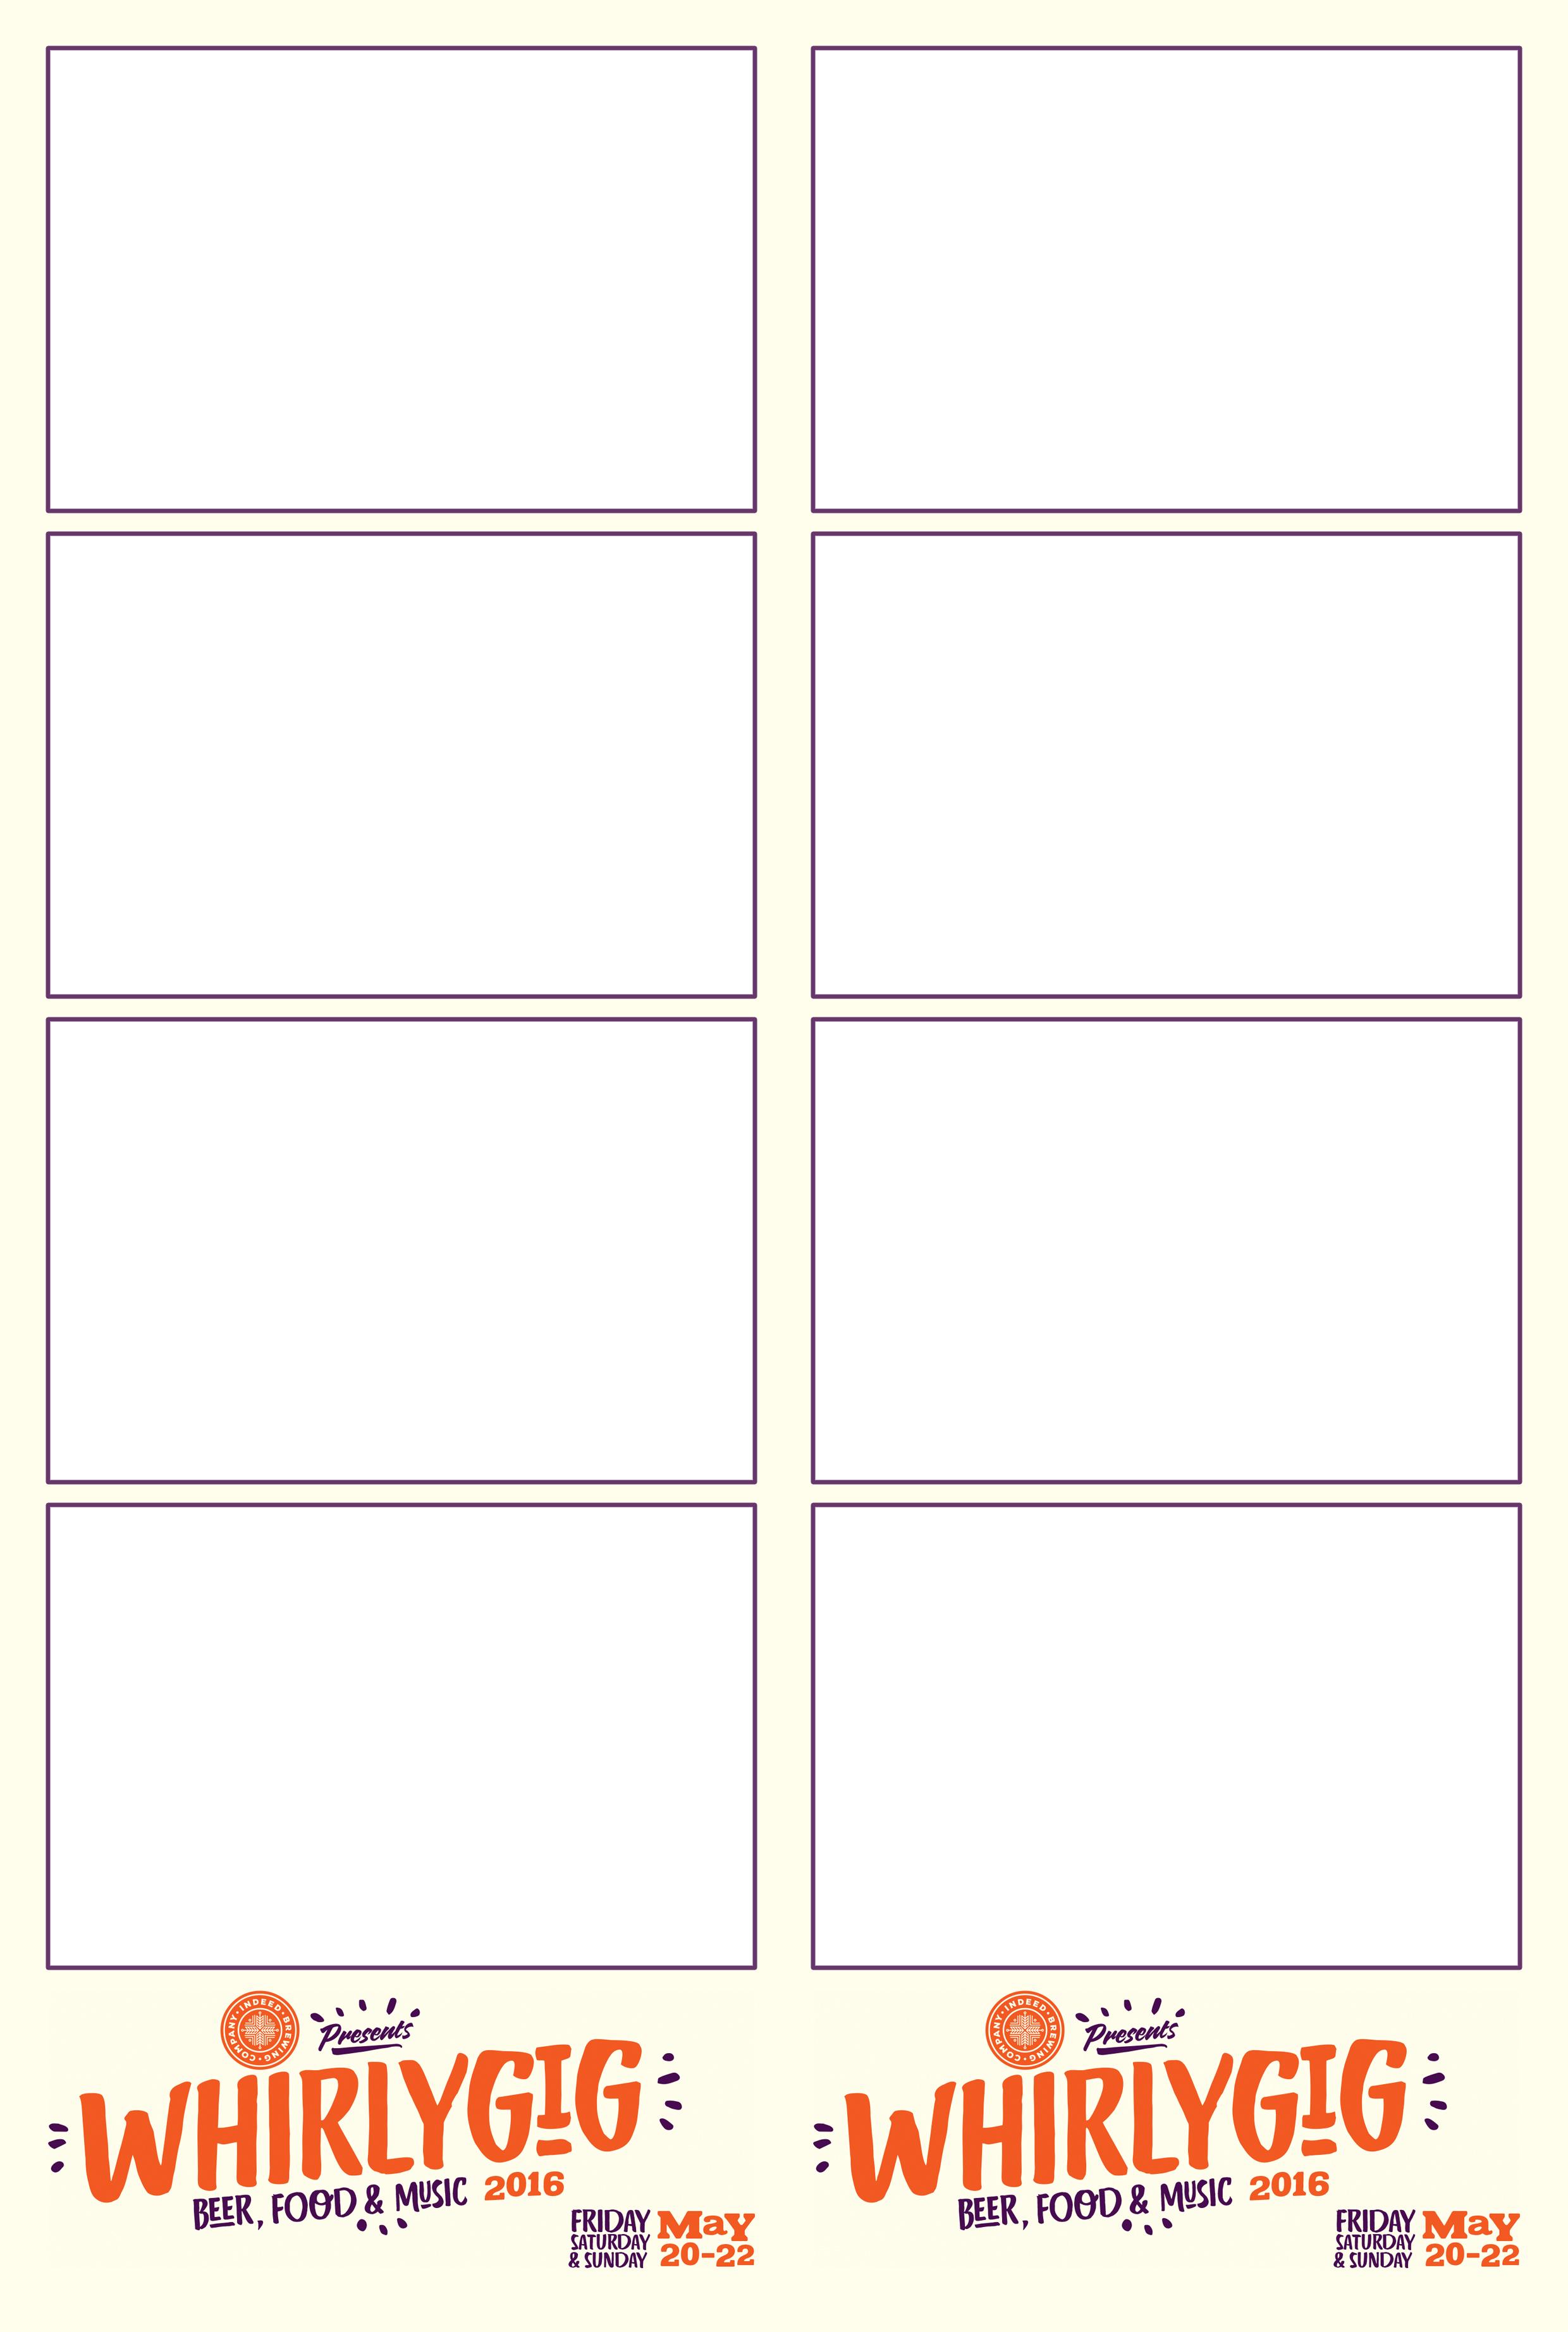 Whirlygig-purpleborders.jpg